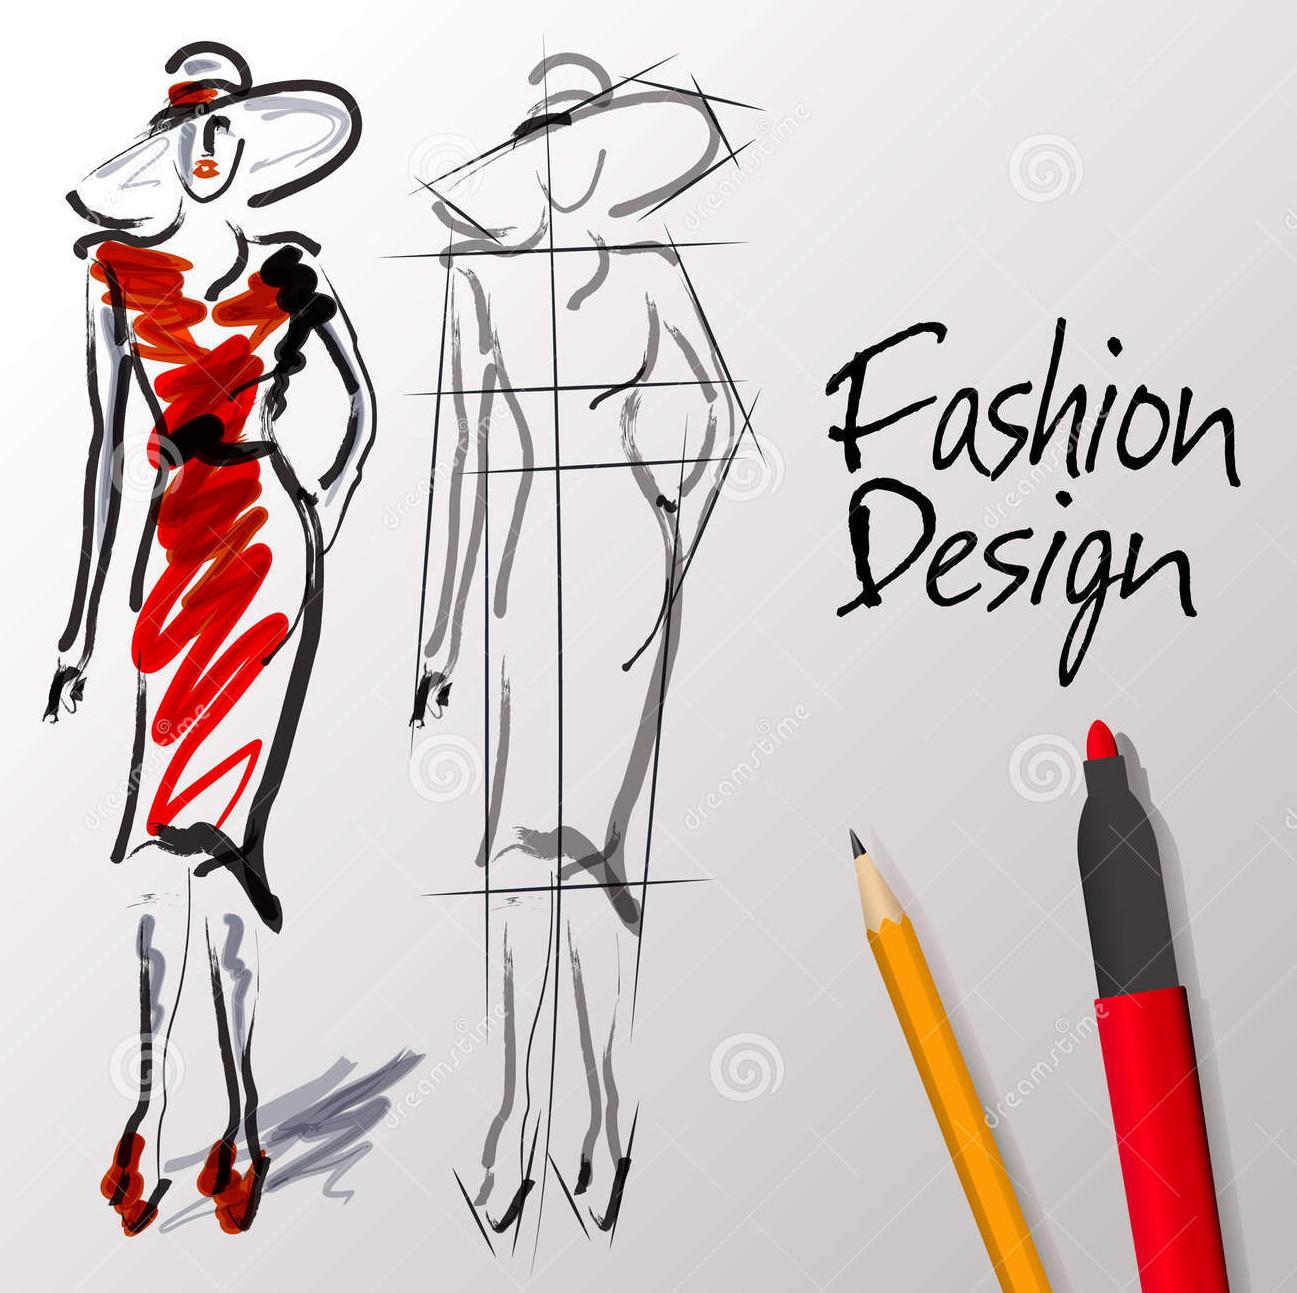 Post Graduate Diploma In Fashion Design